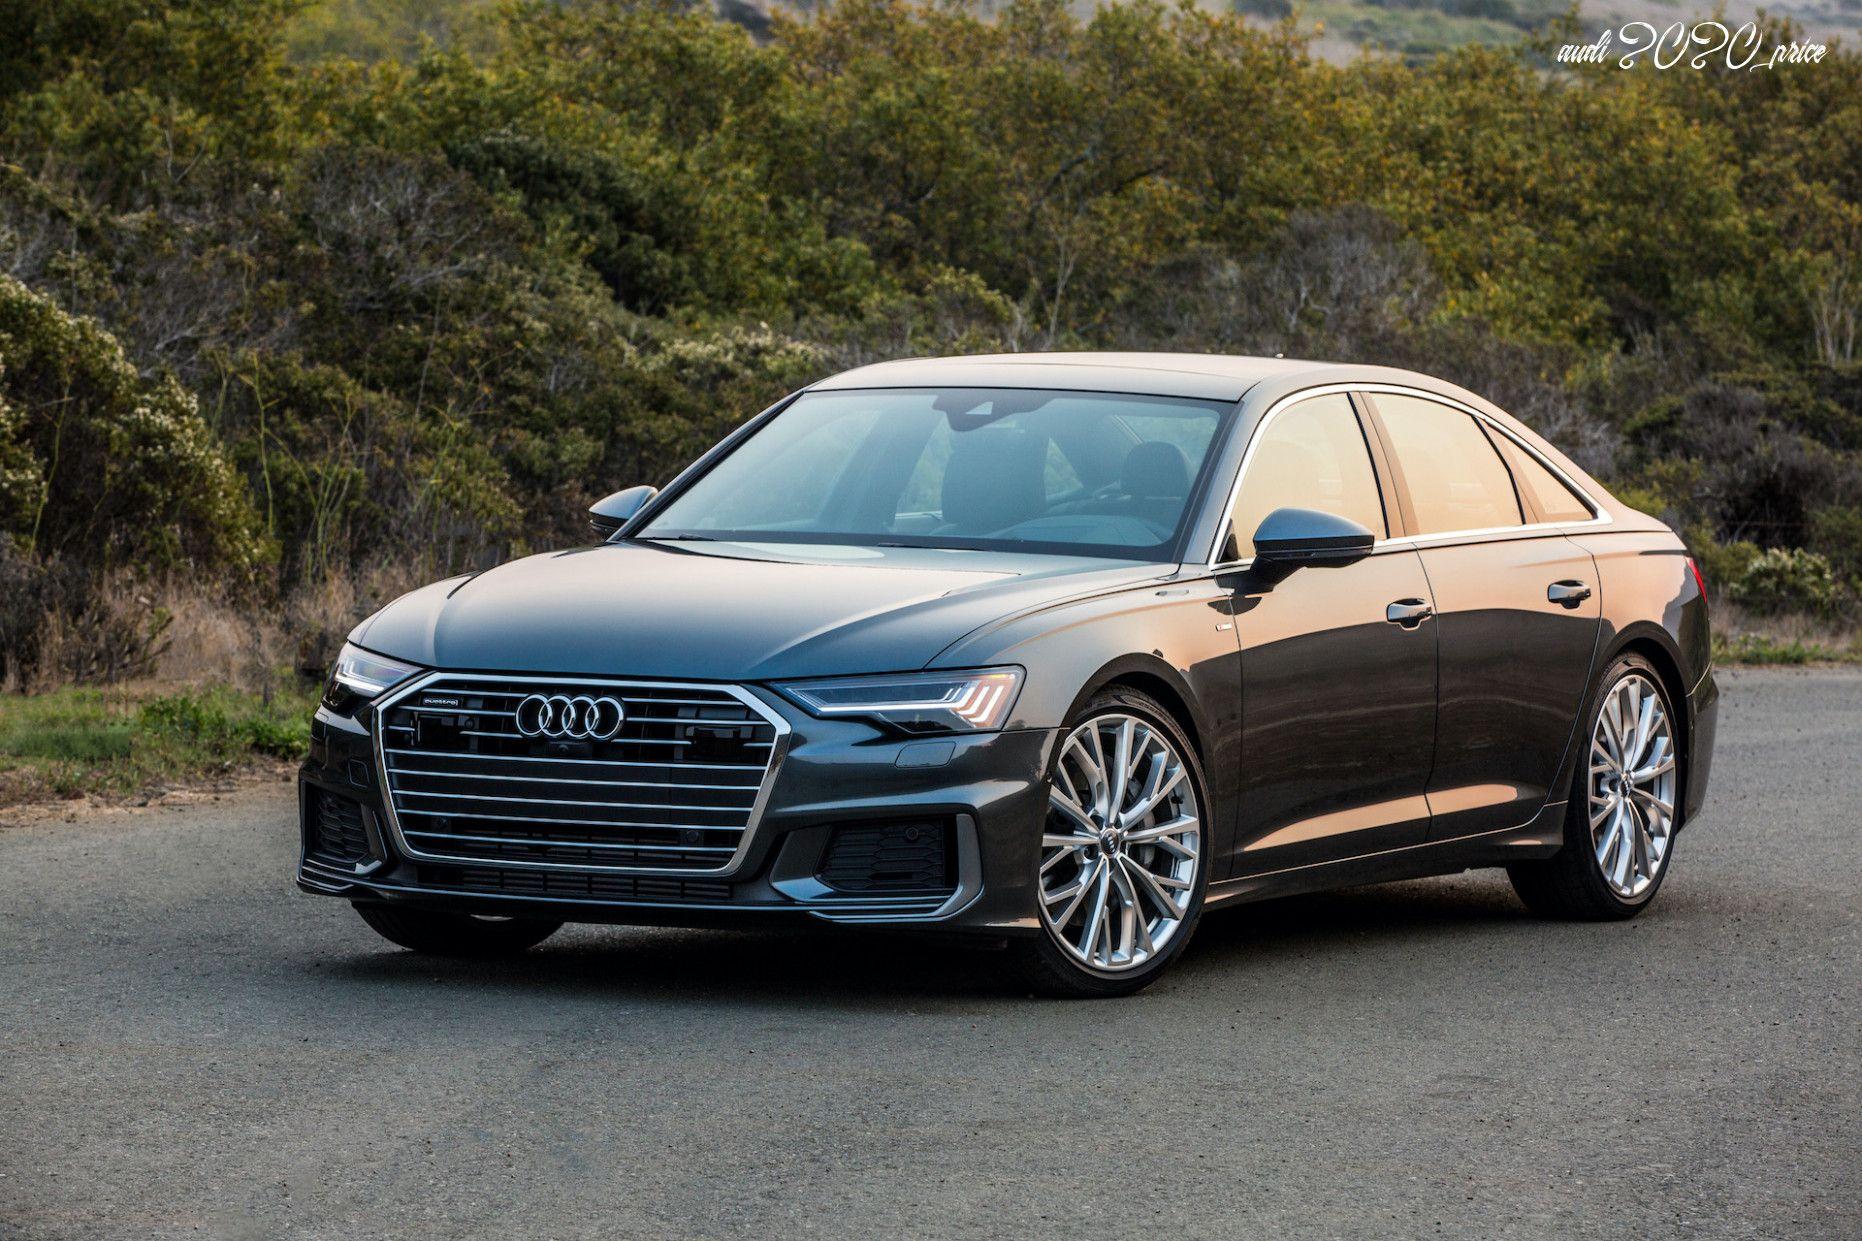 Audi 2020 Price Configurations In 2020 Audi A6 Audi Black Audi